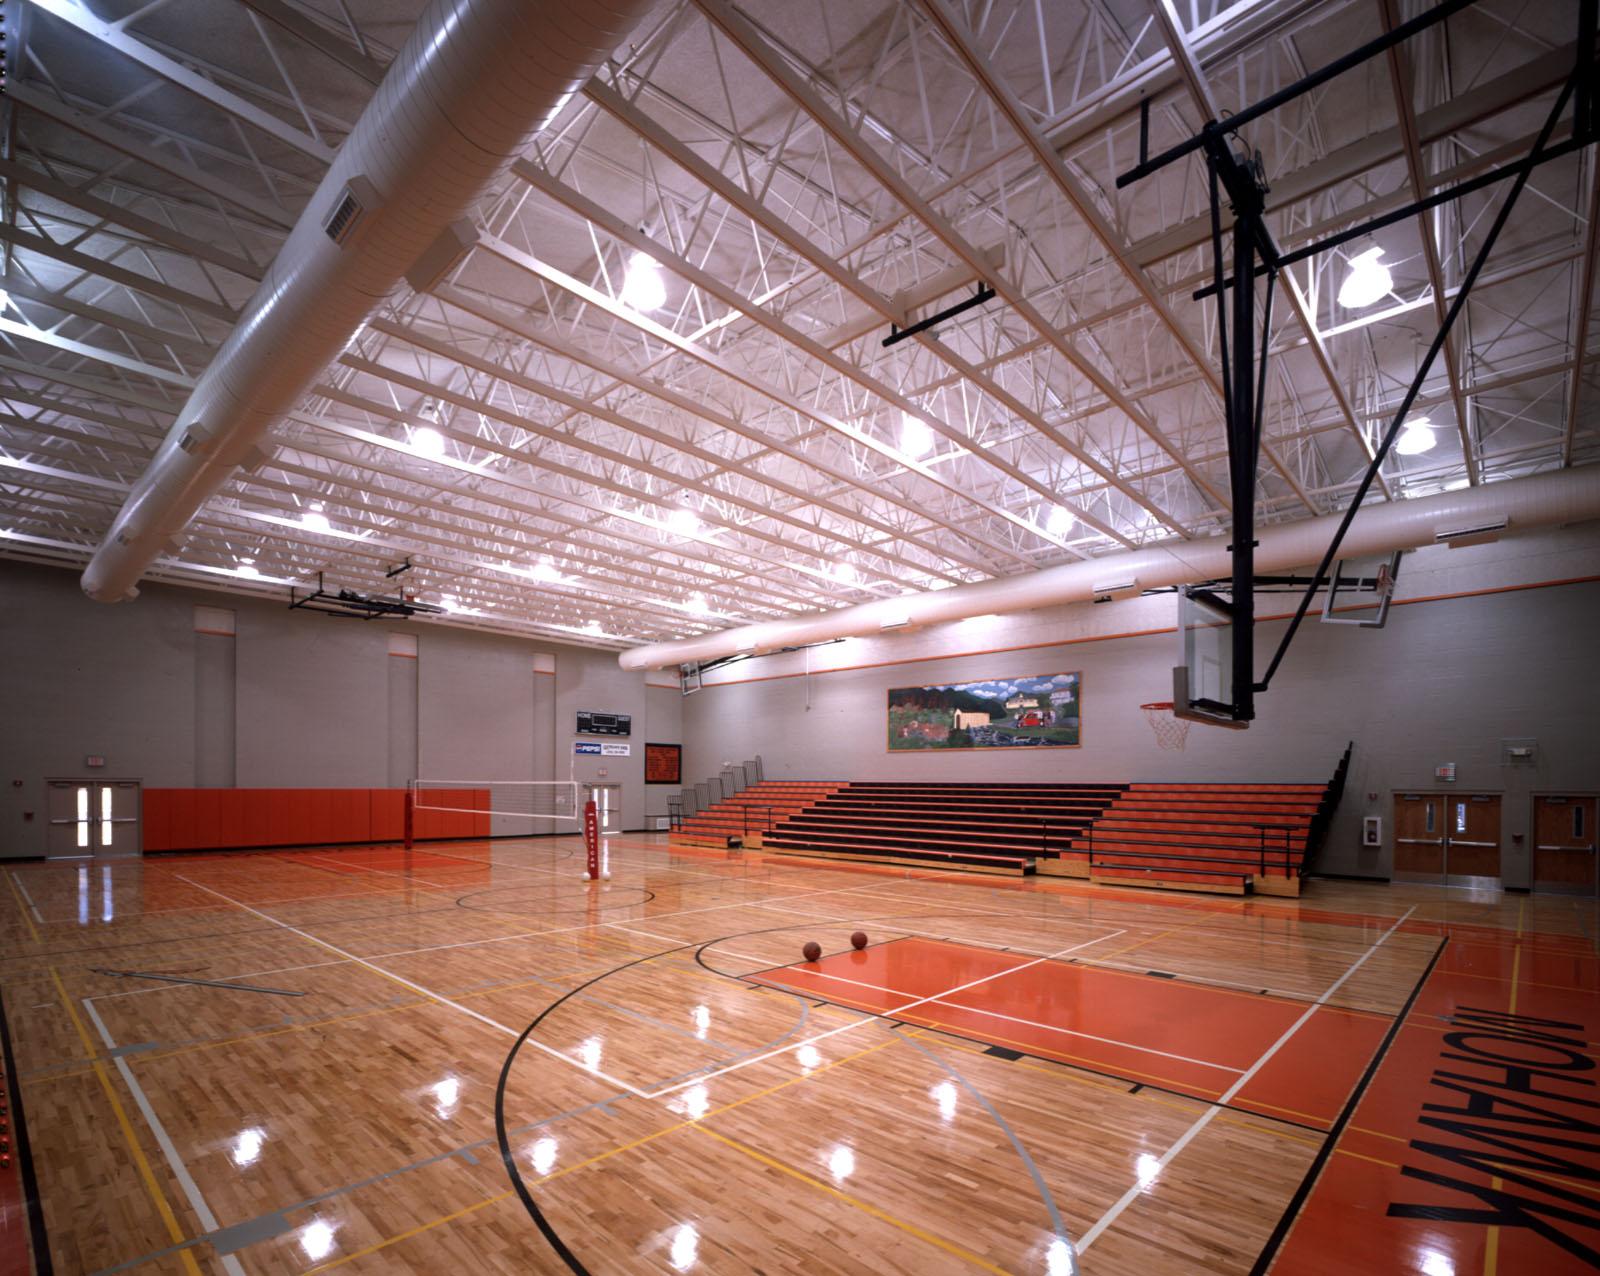 Mohawk High School Gymnasium